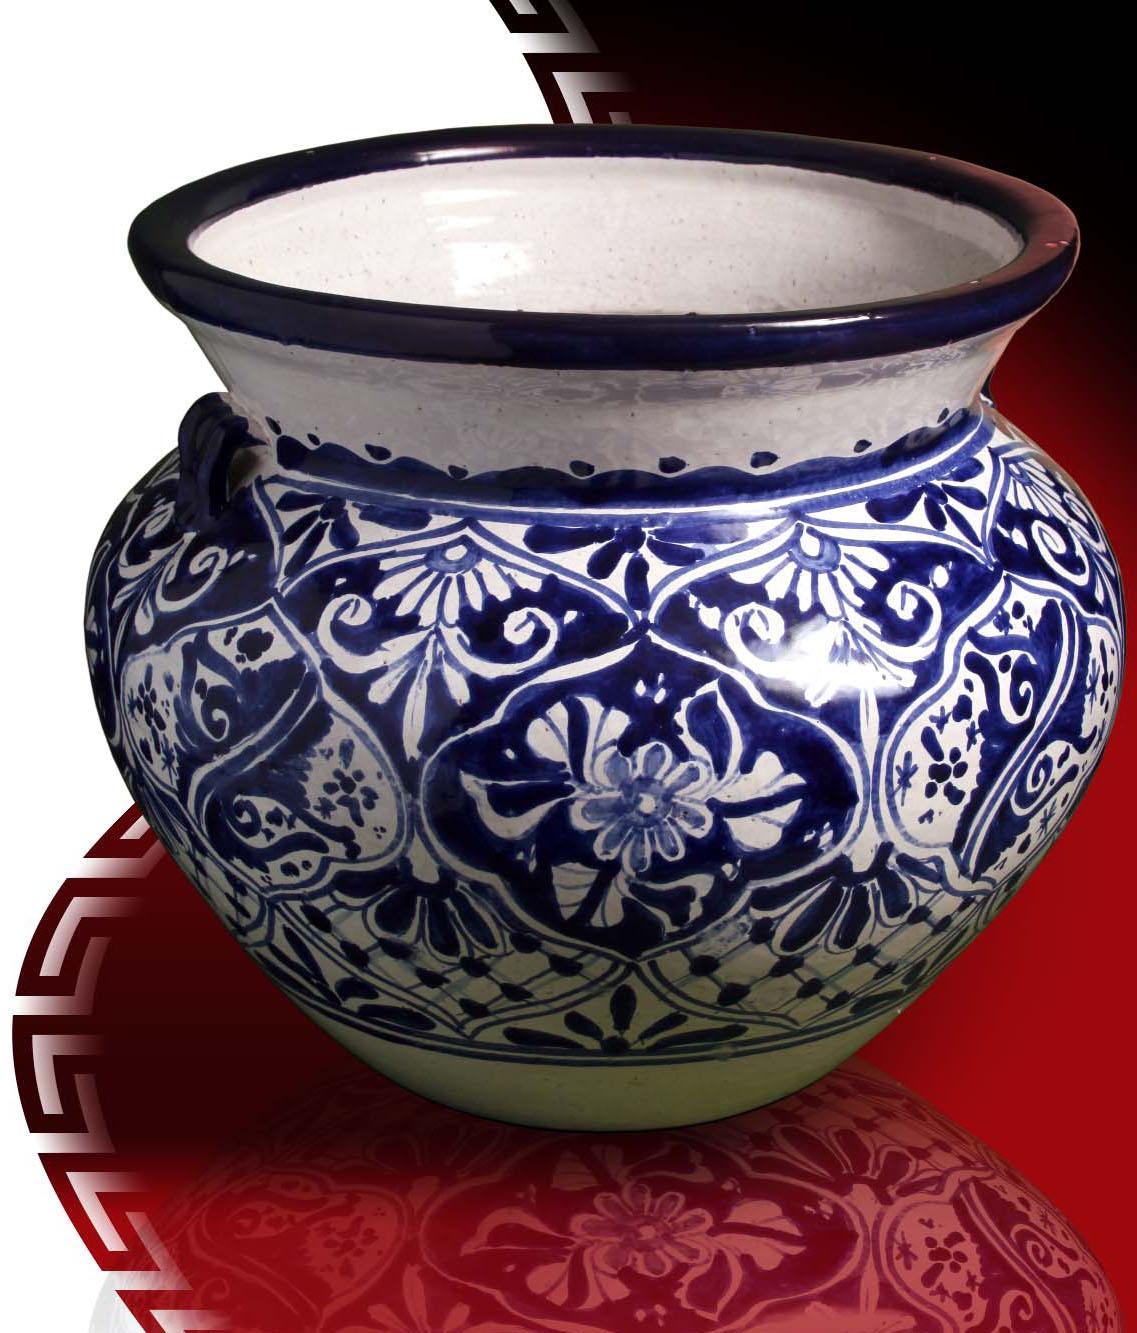 Venta de ceramica artesanal for Ceramica artesanal peru